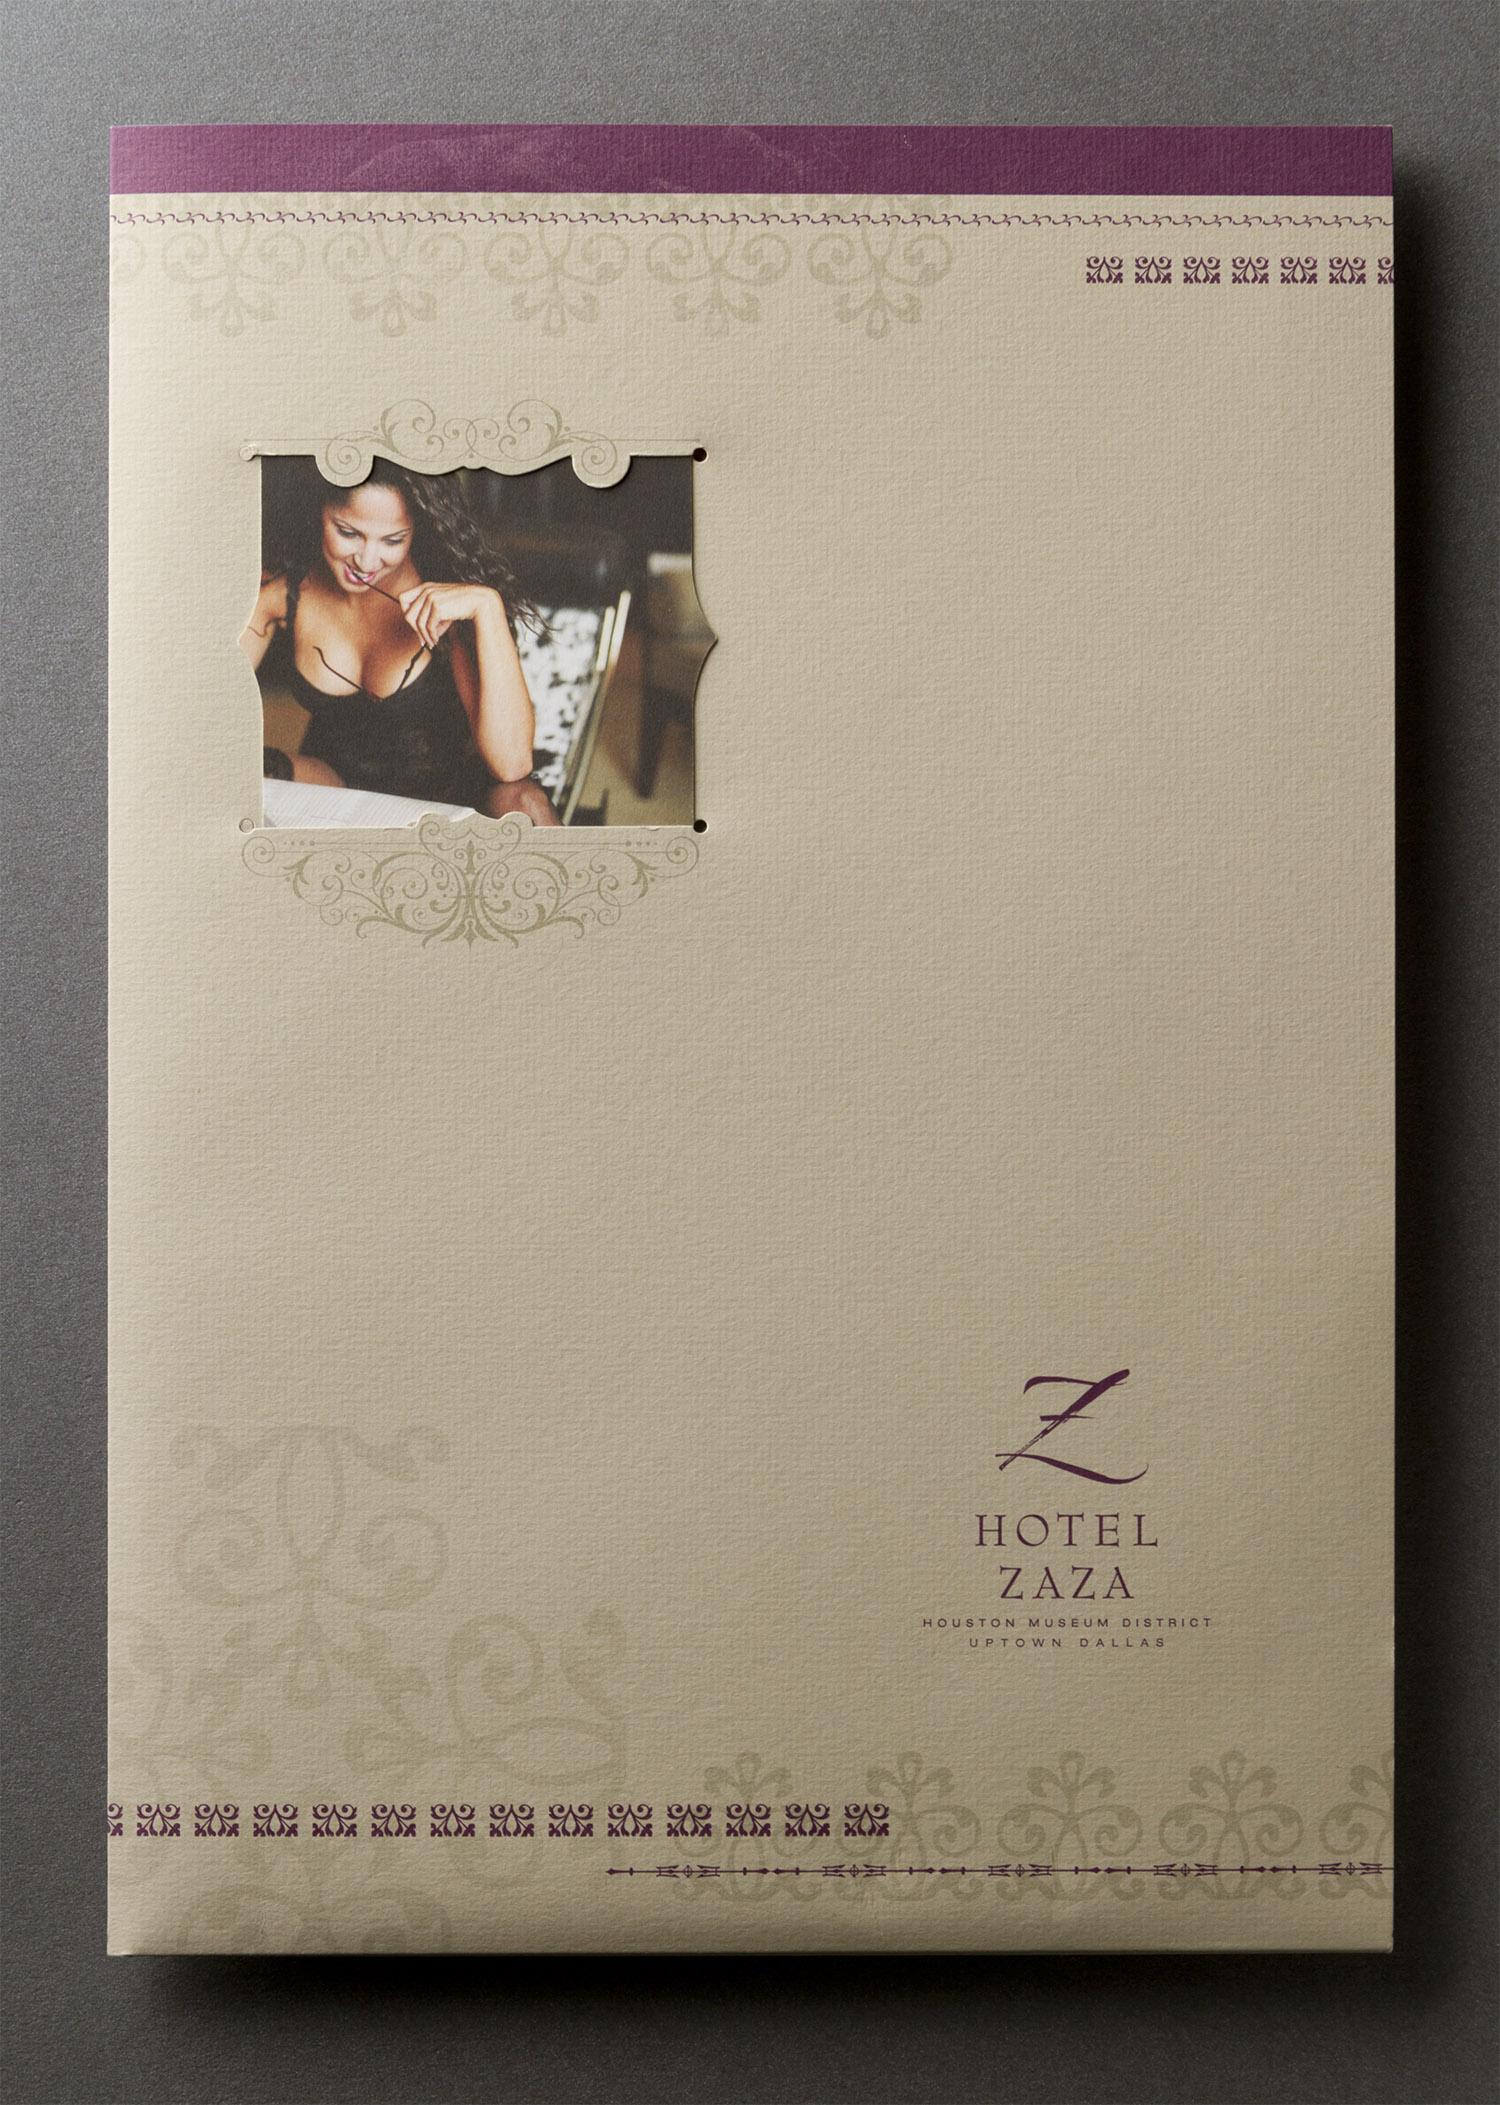 Hotel ZaZa Marketing Kit